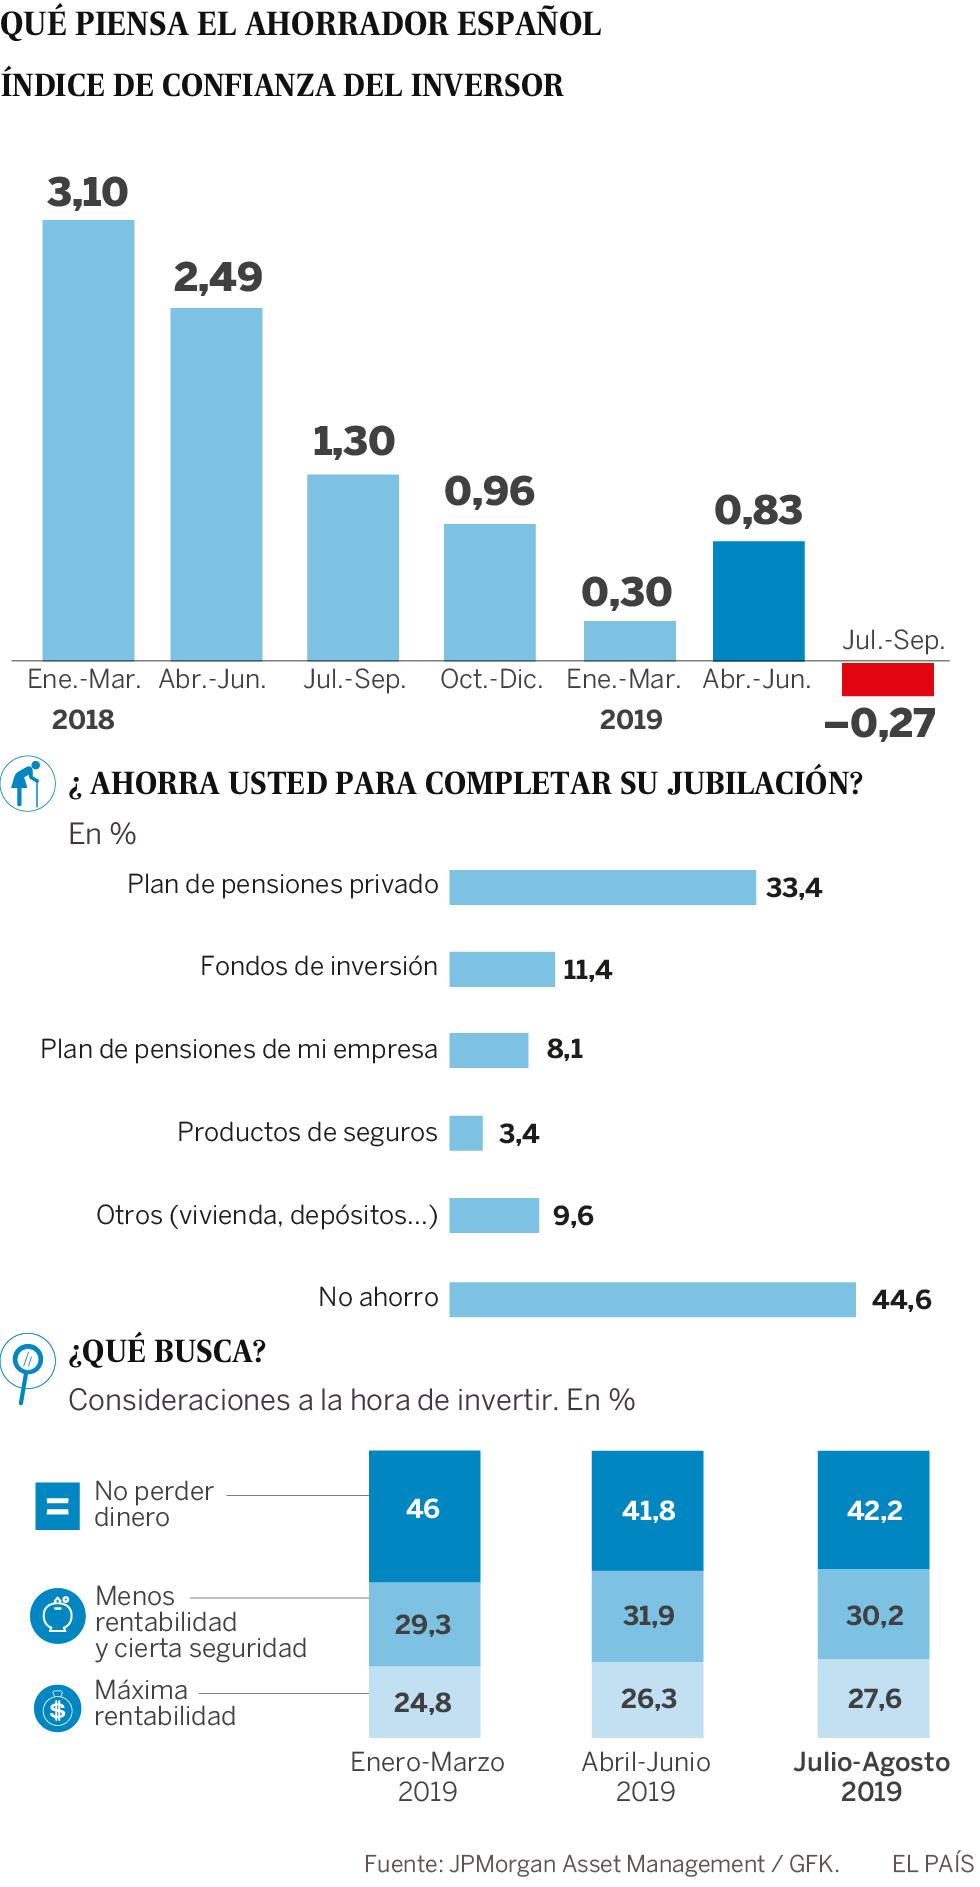 El desgobierno mete miedo a los ahorradores españoles